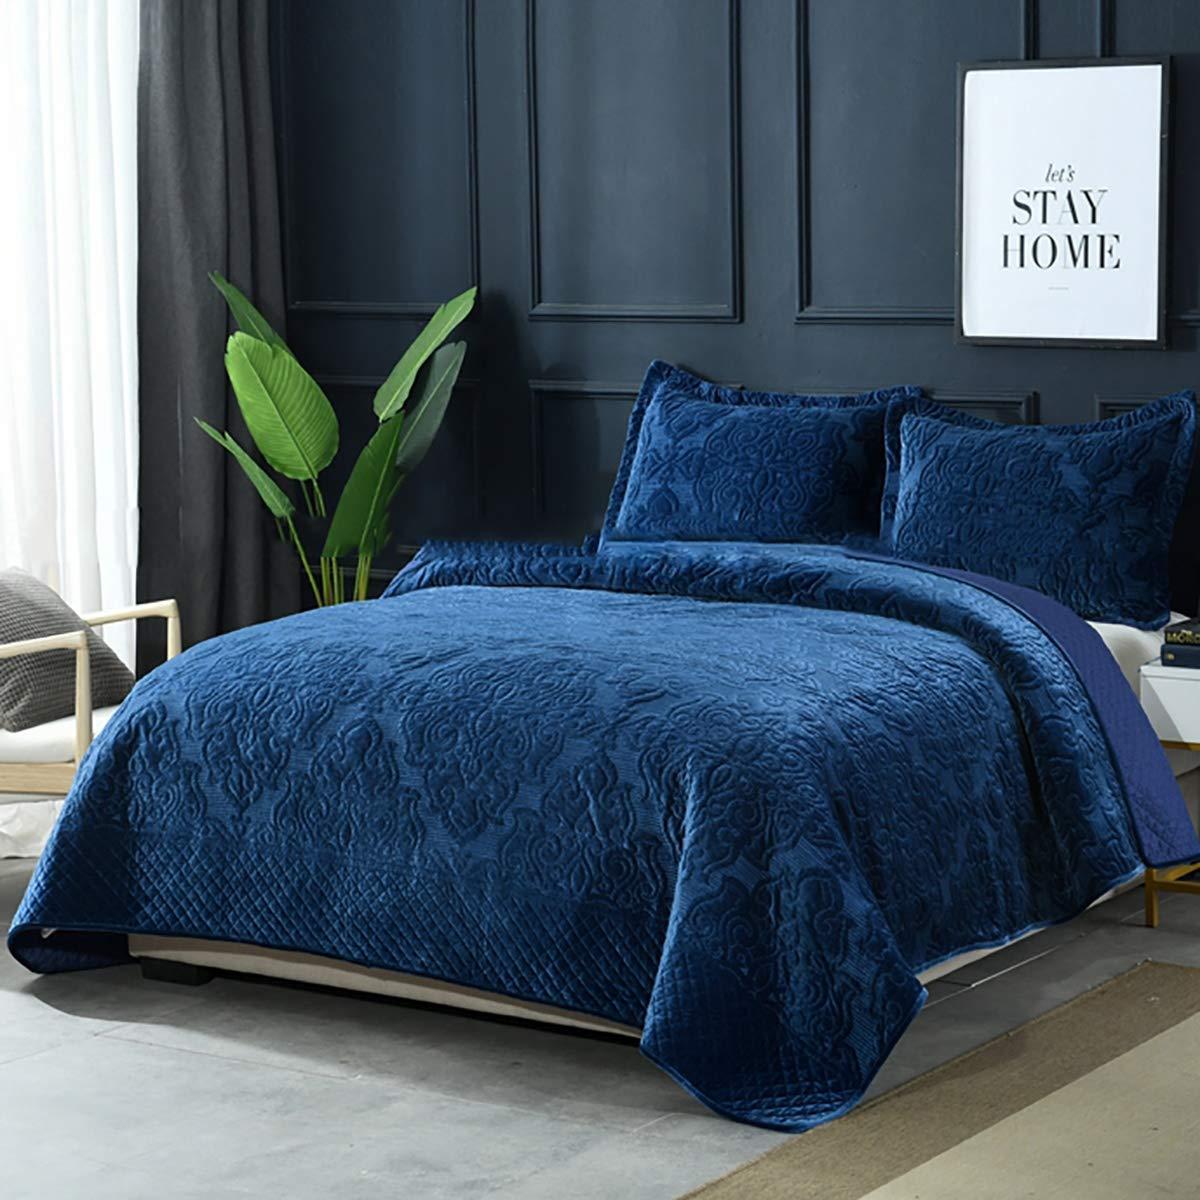 Blue 230 * 250cm WDXN Motif matelass/é Couvre-lit matelass/é brod/é Lavable en Tissu Haute densit/é Confortable et Doux Couvre-lit matelass/é 2 taies doreiller